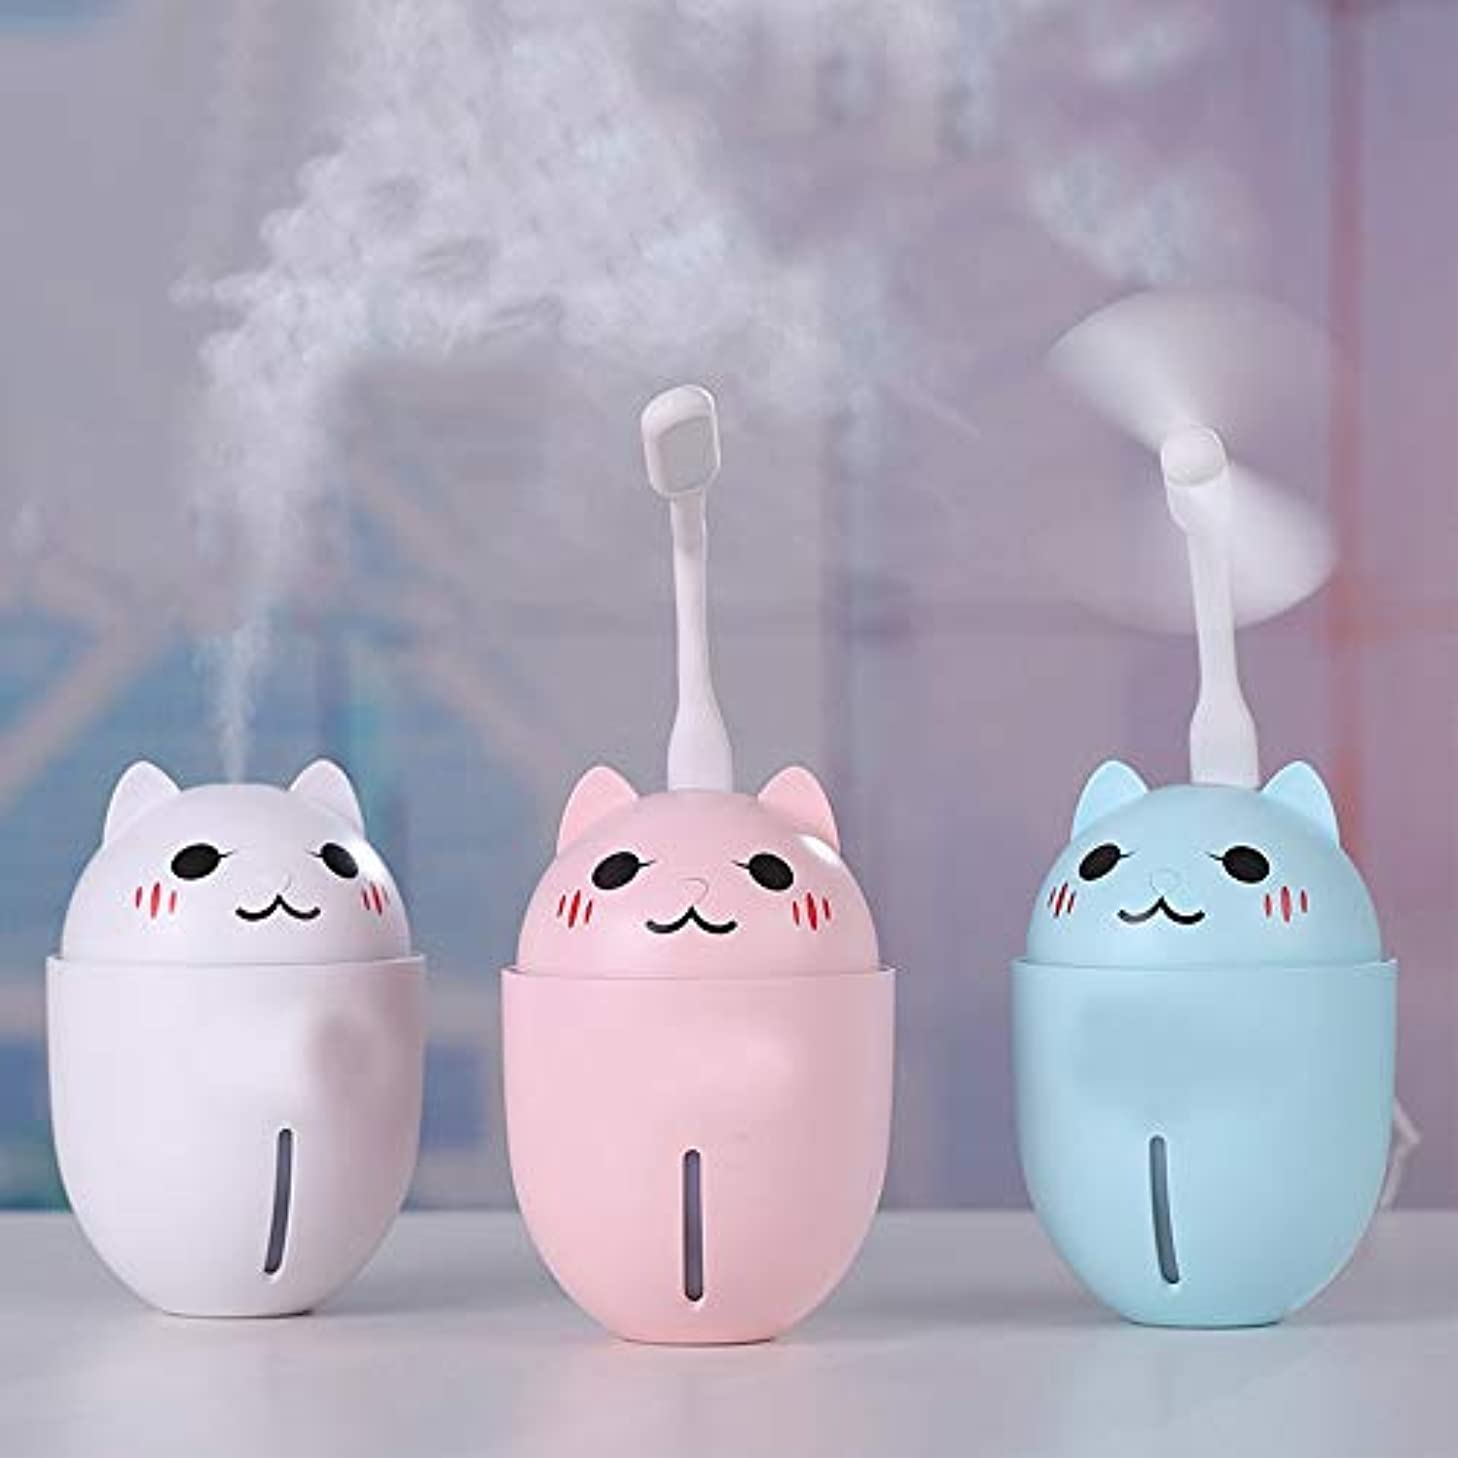 器具甥飾り羽ZXF 新しいクリエイティブかわいいペット猫加湿器家庭用電化製品3つ1つでミニusb水道メーターファンナイトライトブルーピンクホワイト 滑らかである (色 : Pink)